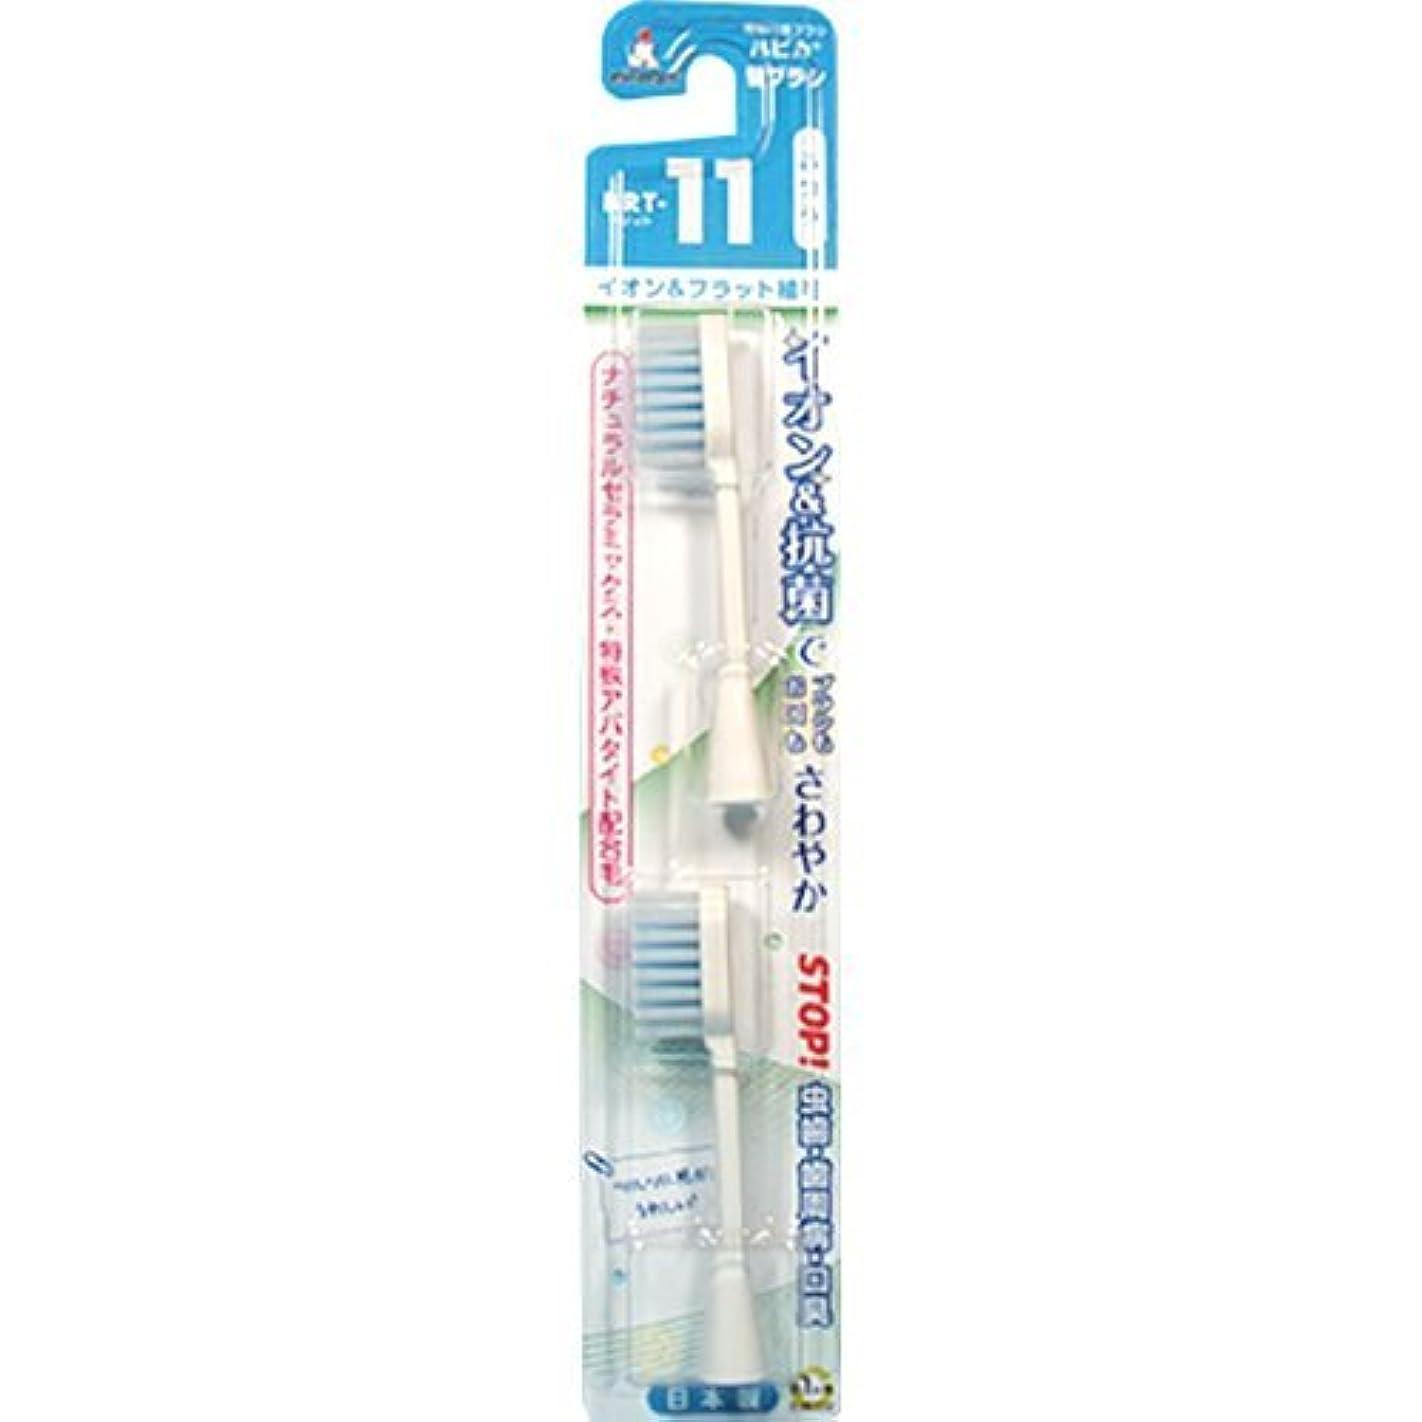 パウダーお時々時々ミニマム 電動付歯ブラシ ハピカ 専用替ブラシ イオン+フラット植毛 毛の硬さ:ふつう BRT-11 2個入